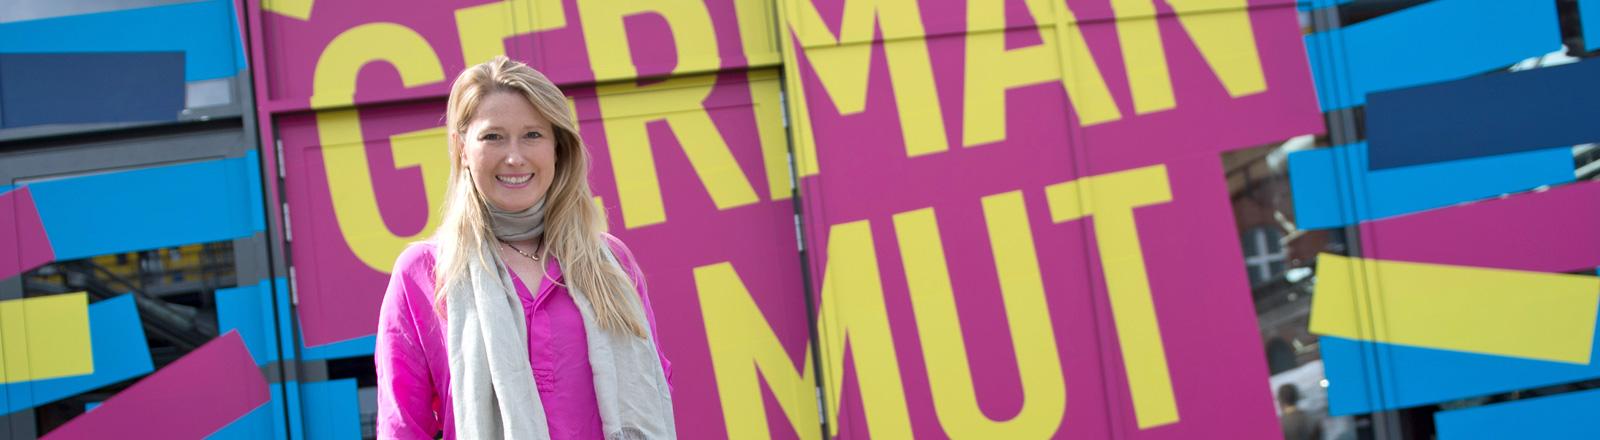 """Lencke Steiner steht vor einem vor einem Plakat mit dem Slogan """"German Mut""""; Bild: dpa"""